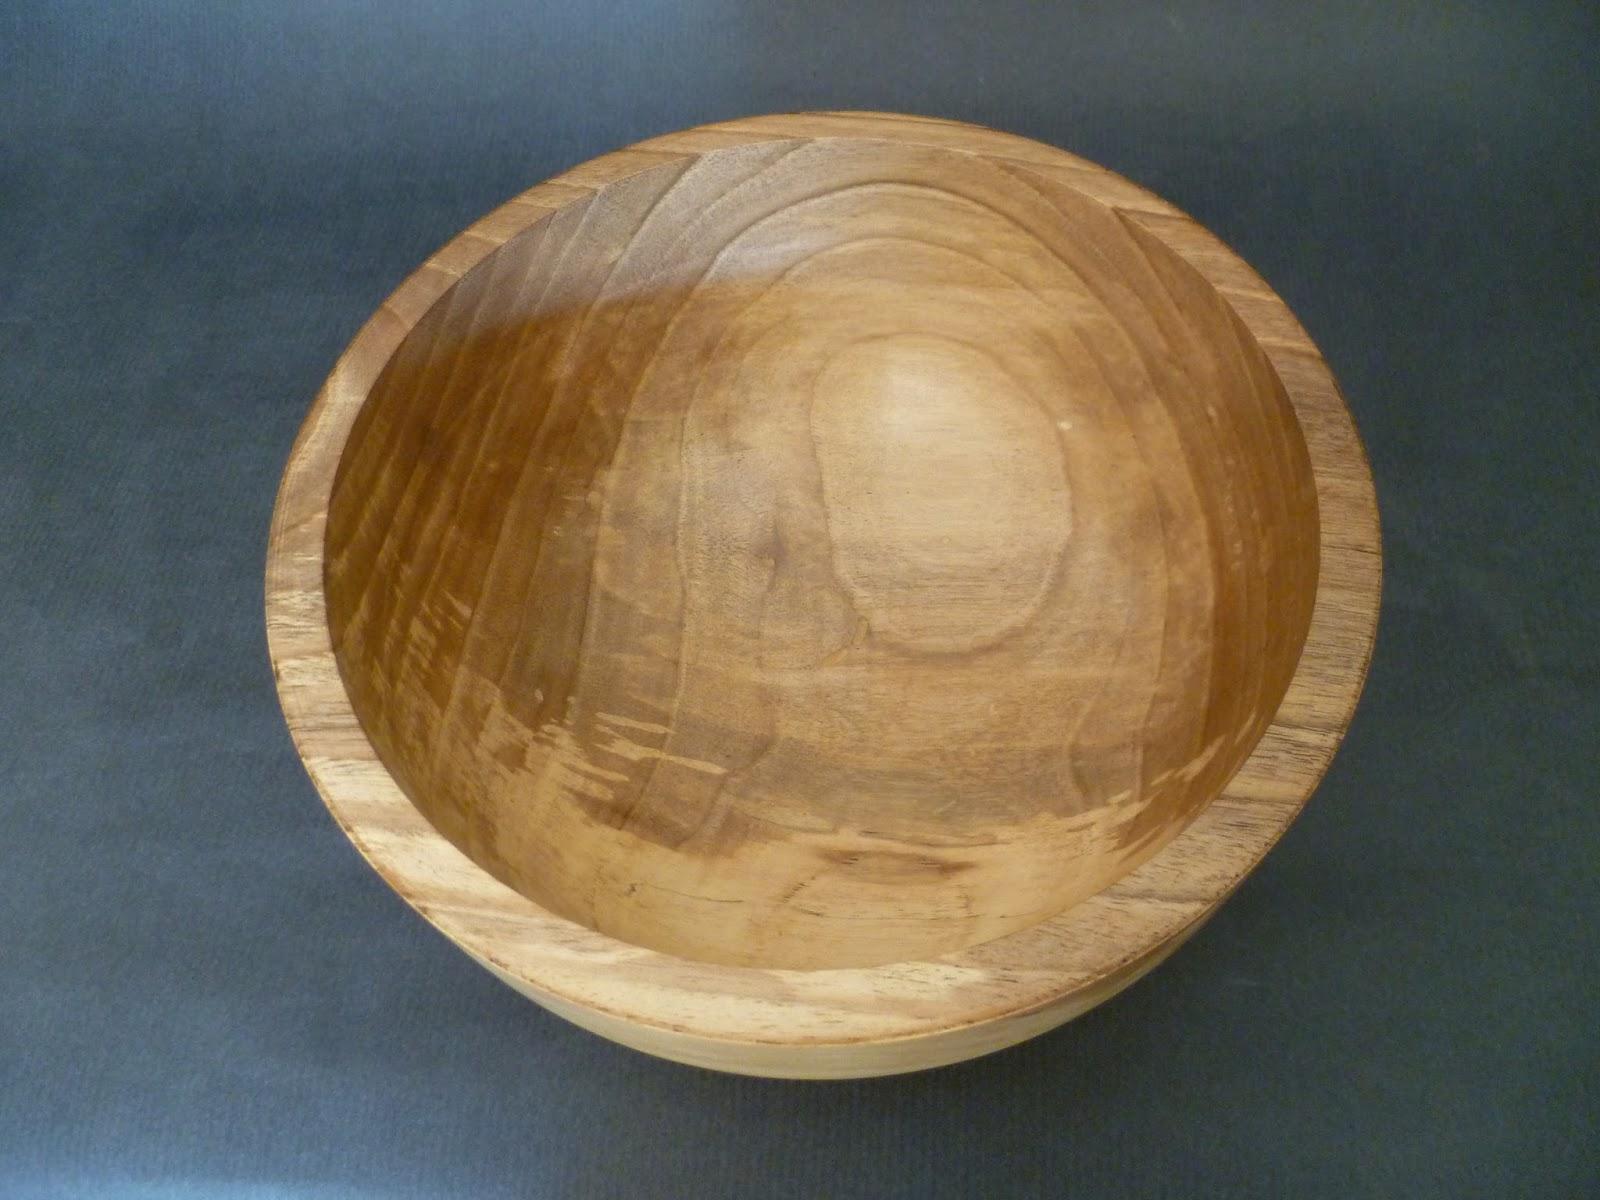 atelier du bois tourn woodturning design bol en noyer chauff. Black Bedroom Furniture Sets. Home Design Ideas